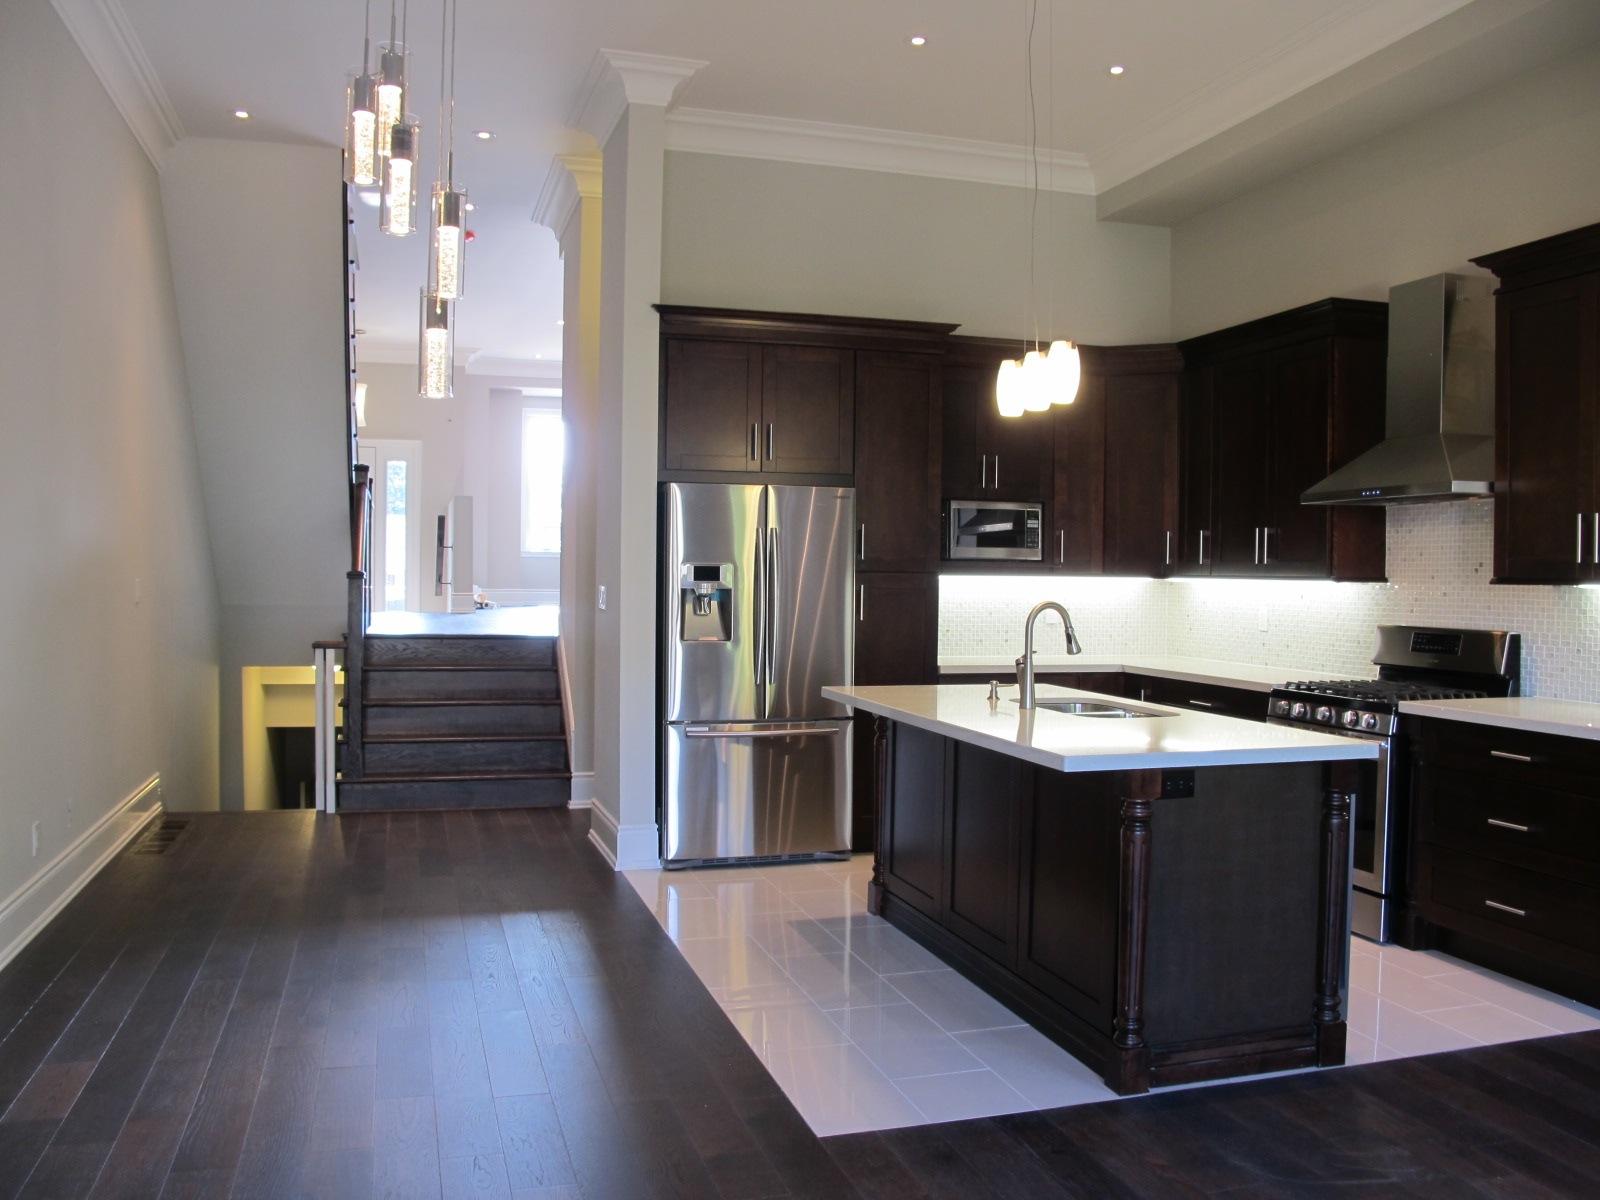 Fabulous 3 Bedroom, 3 Bath home in Etobicoke!